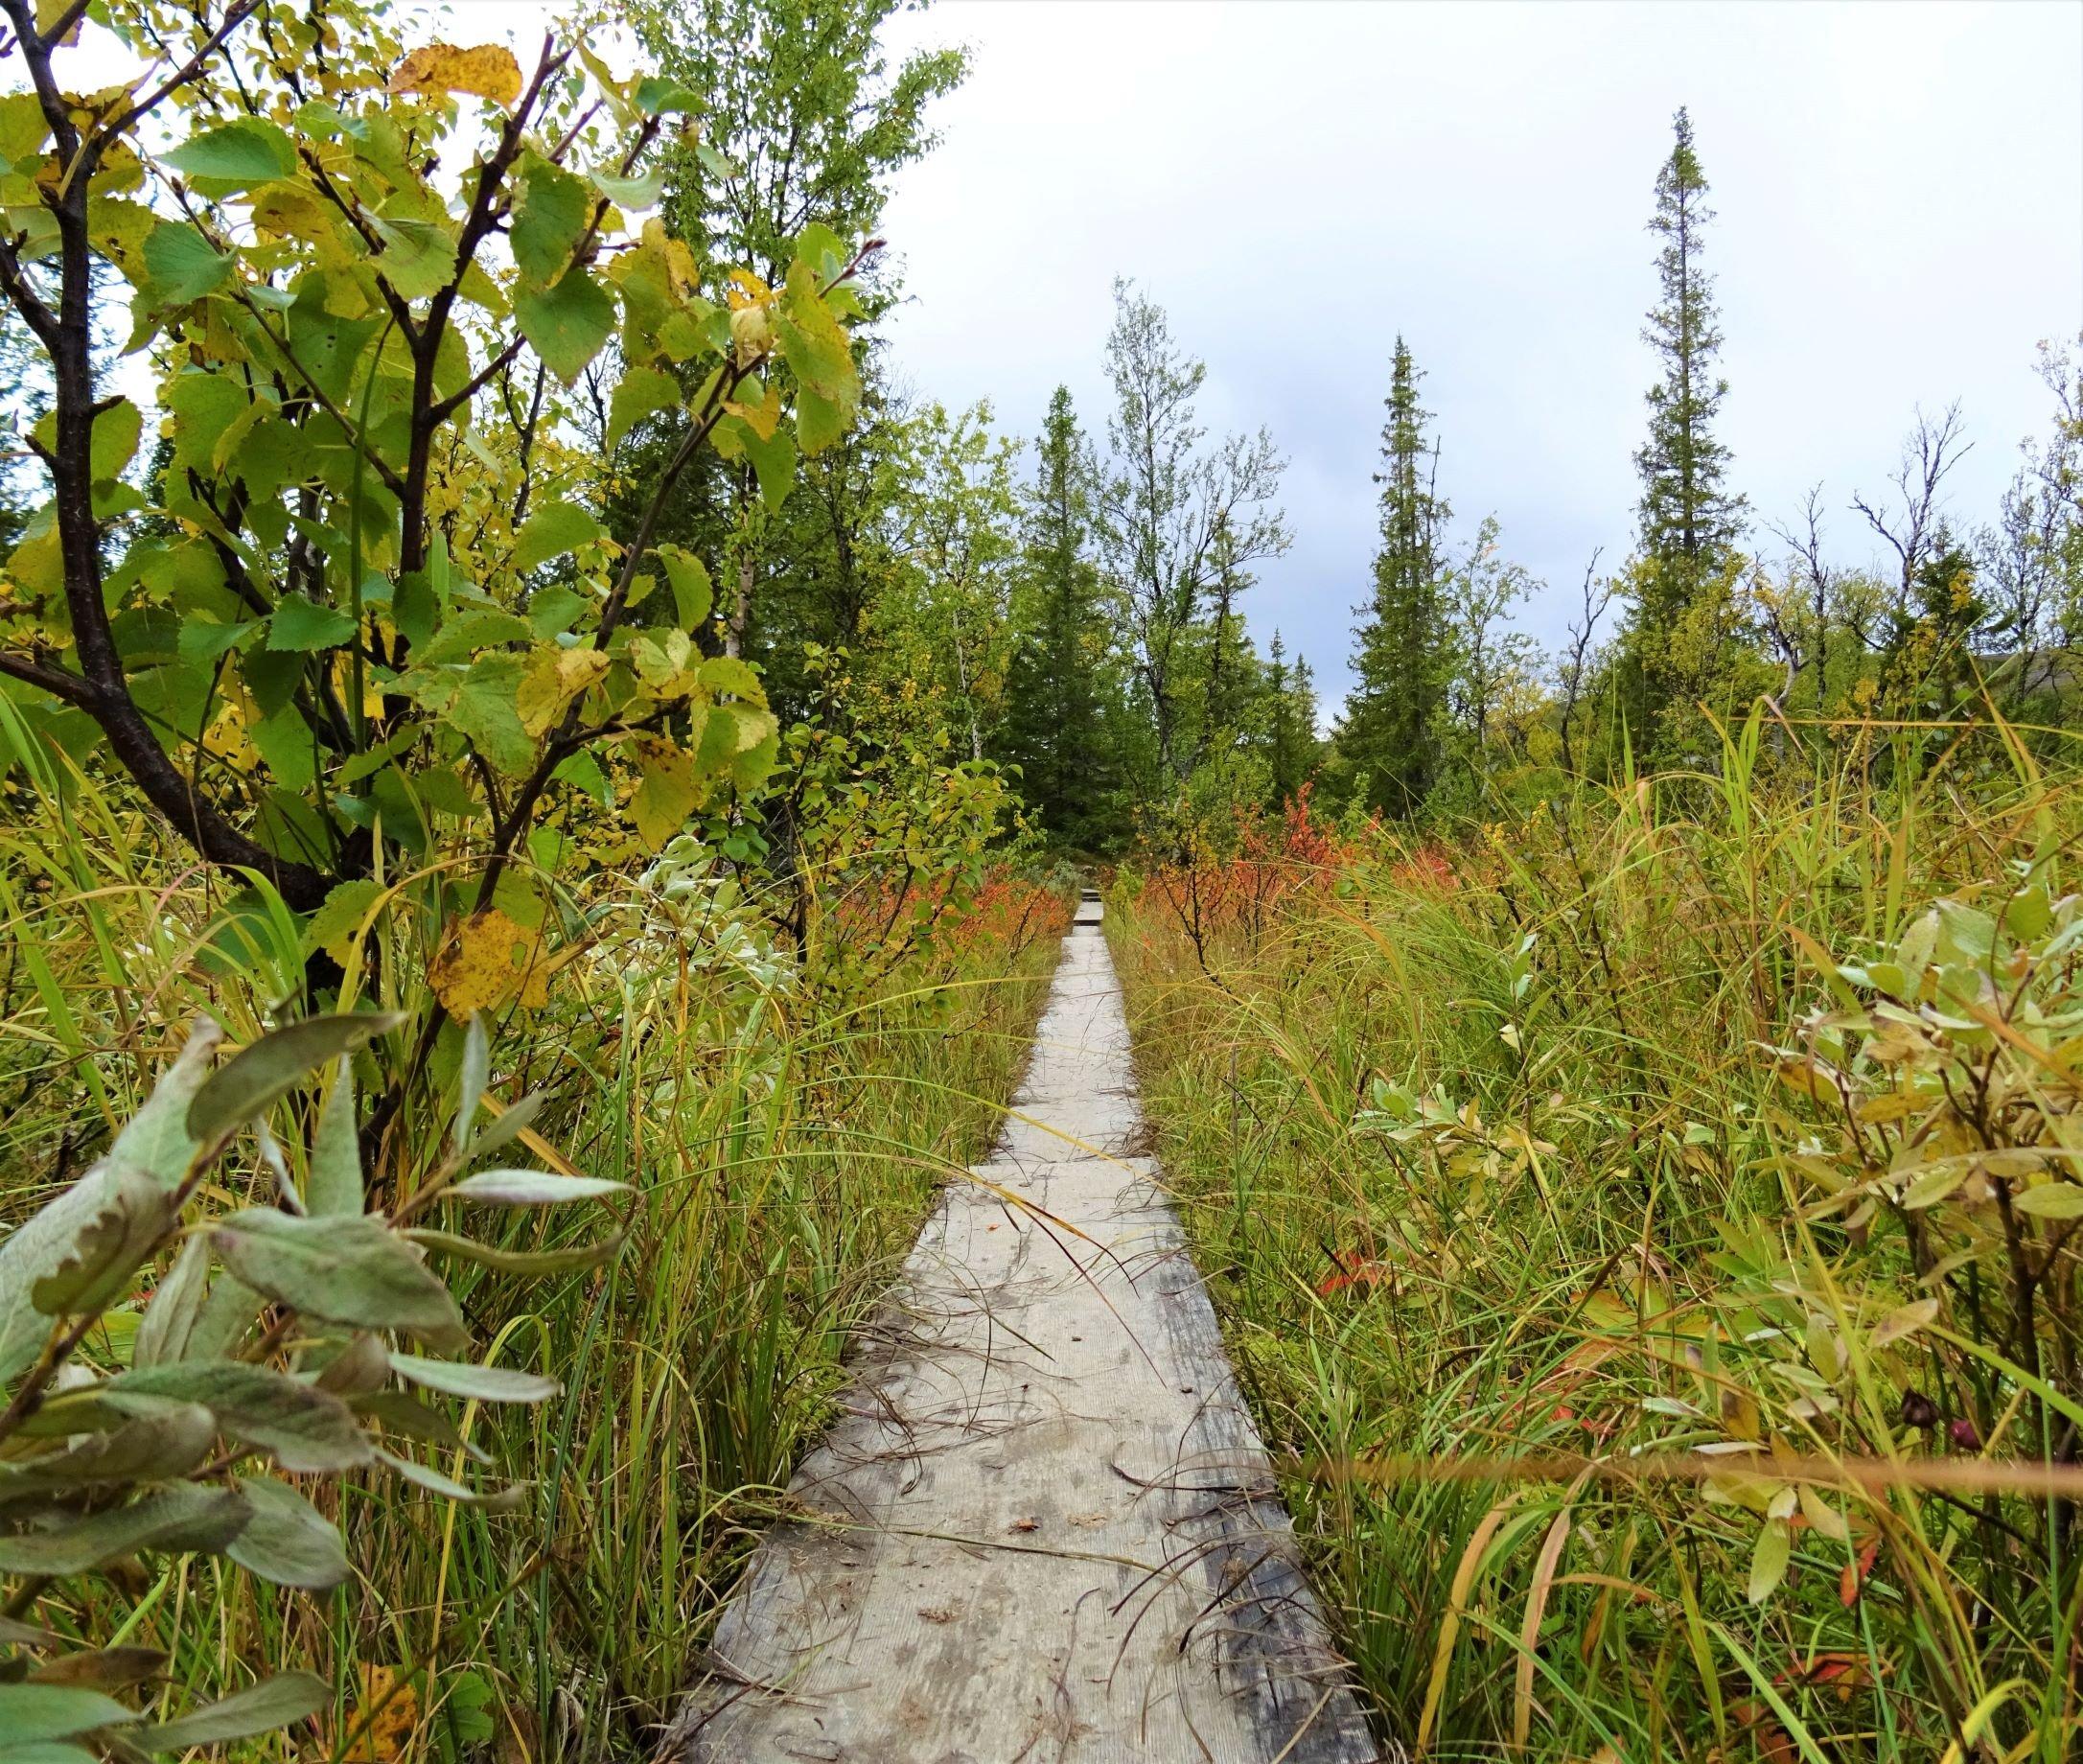 Planken führen über moorige Wiesen